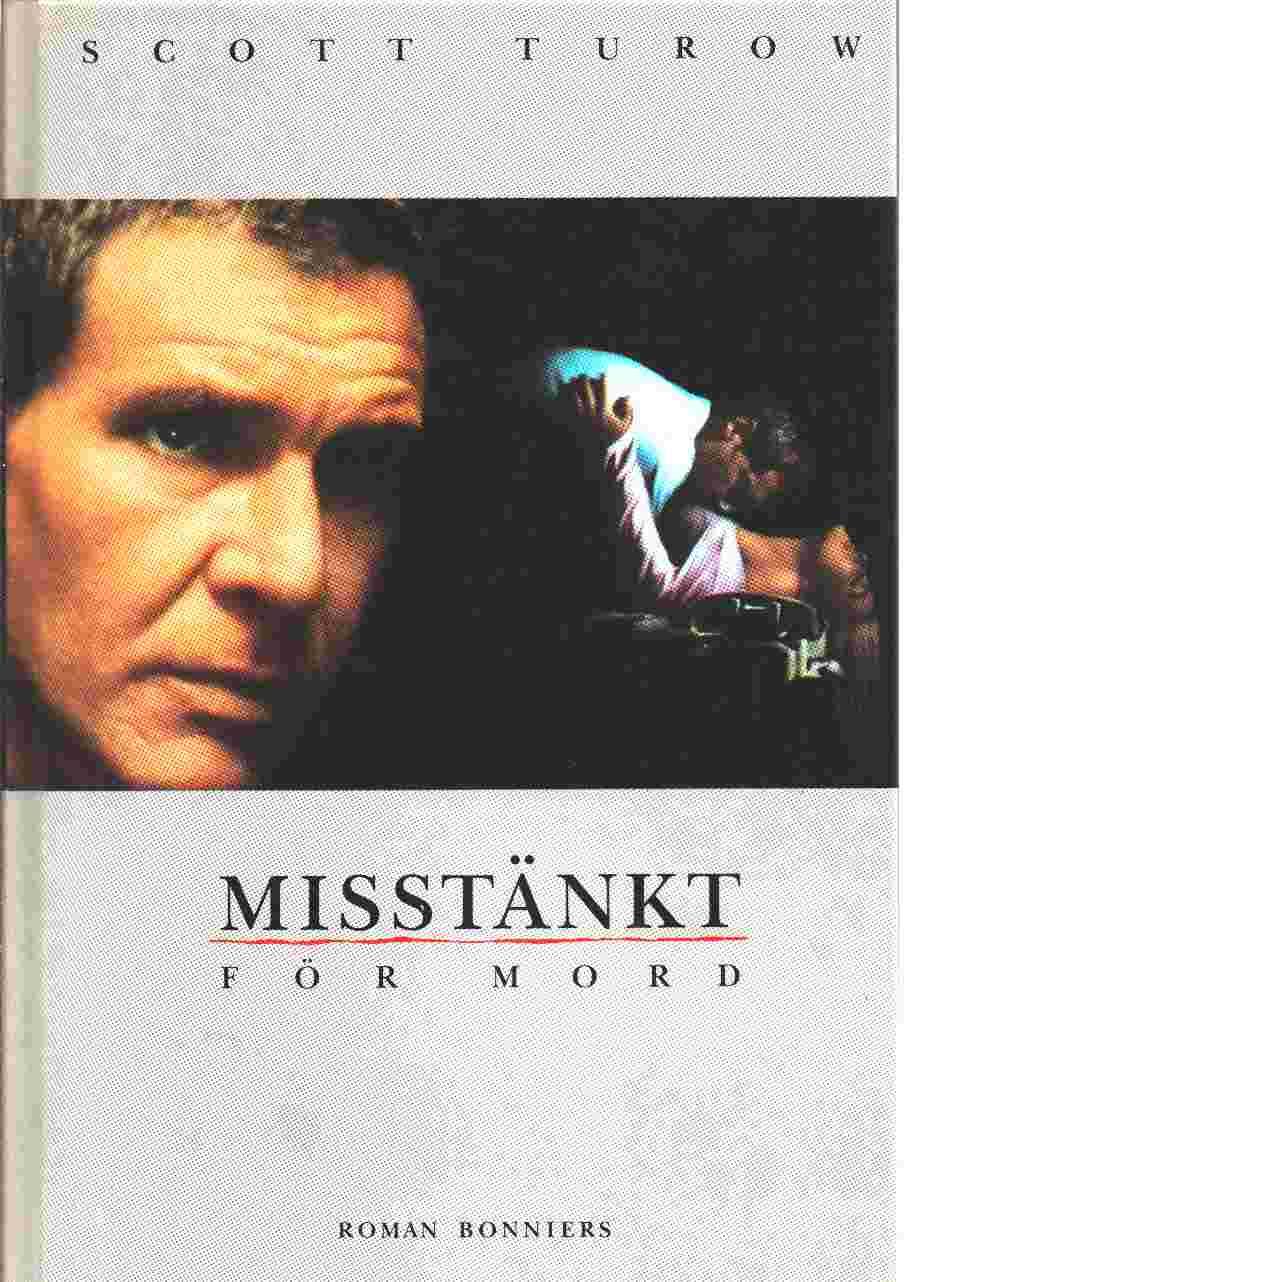 Misstänkt för mord - Turow, Scott